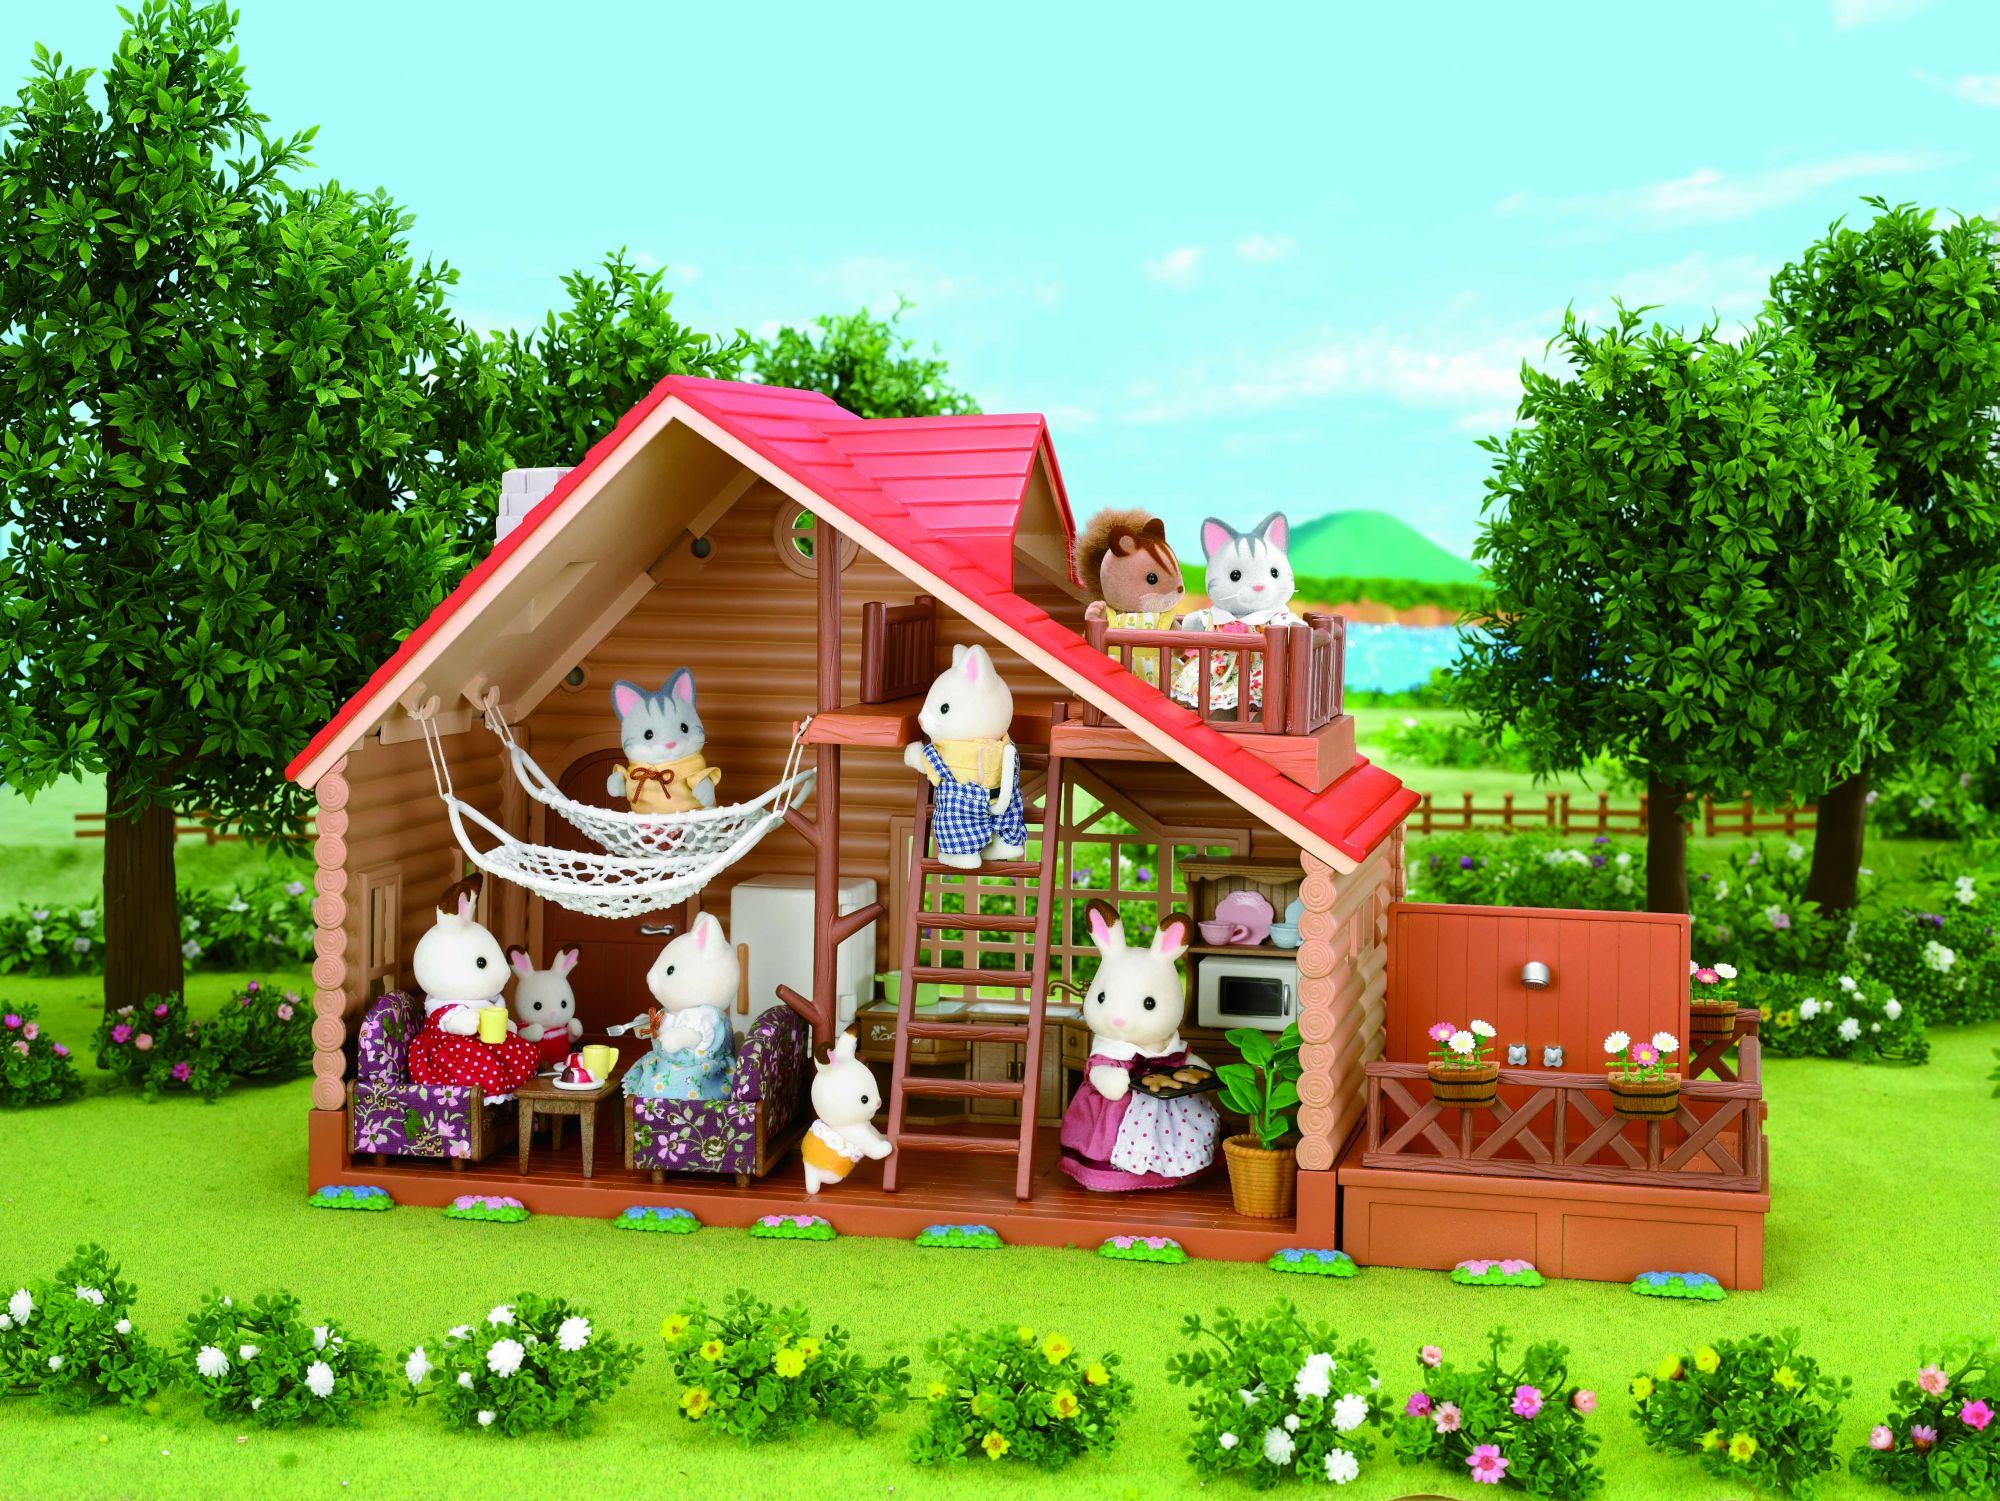 sylvanian families 2881 chalet mini poup e jeux et jouets. Black Bedroom Furniture Sets. Home Design Ideas